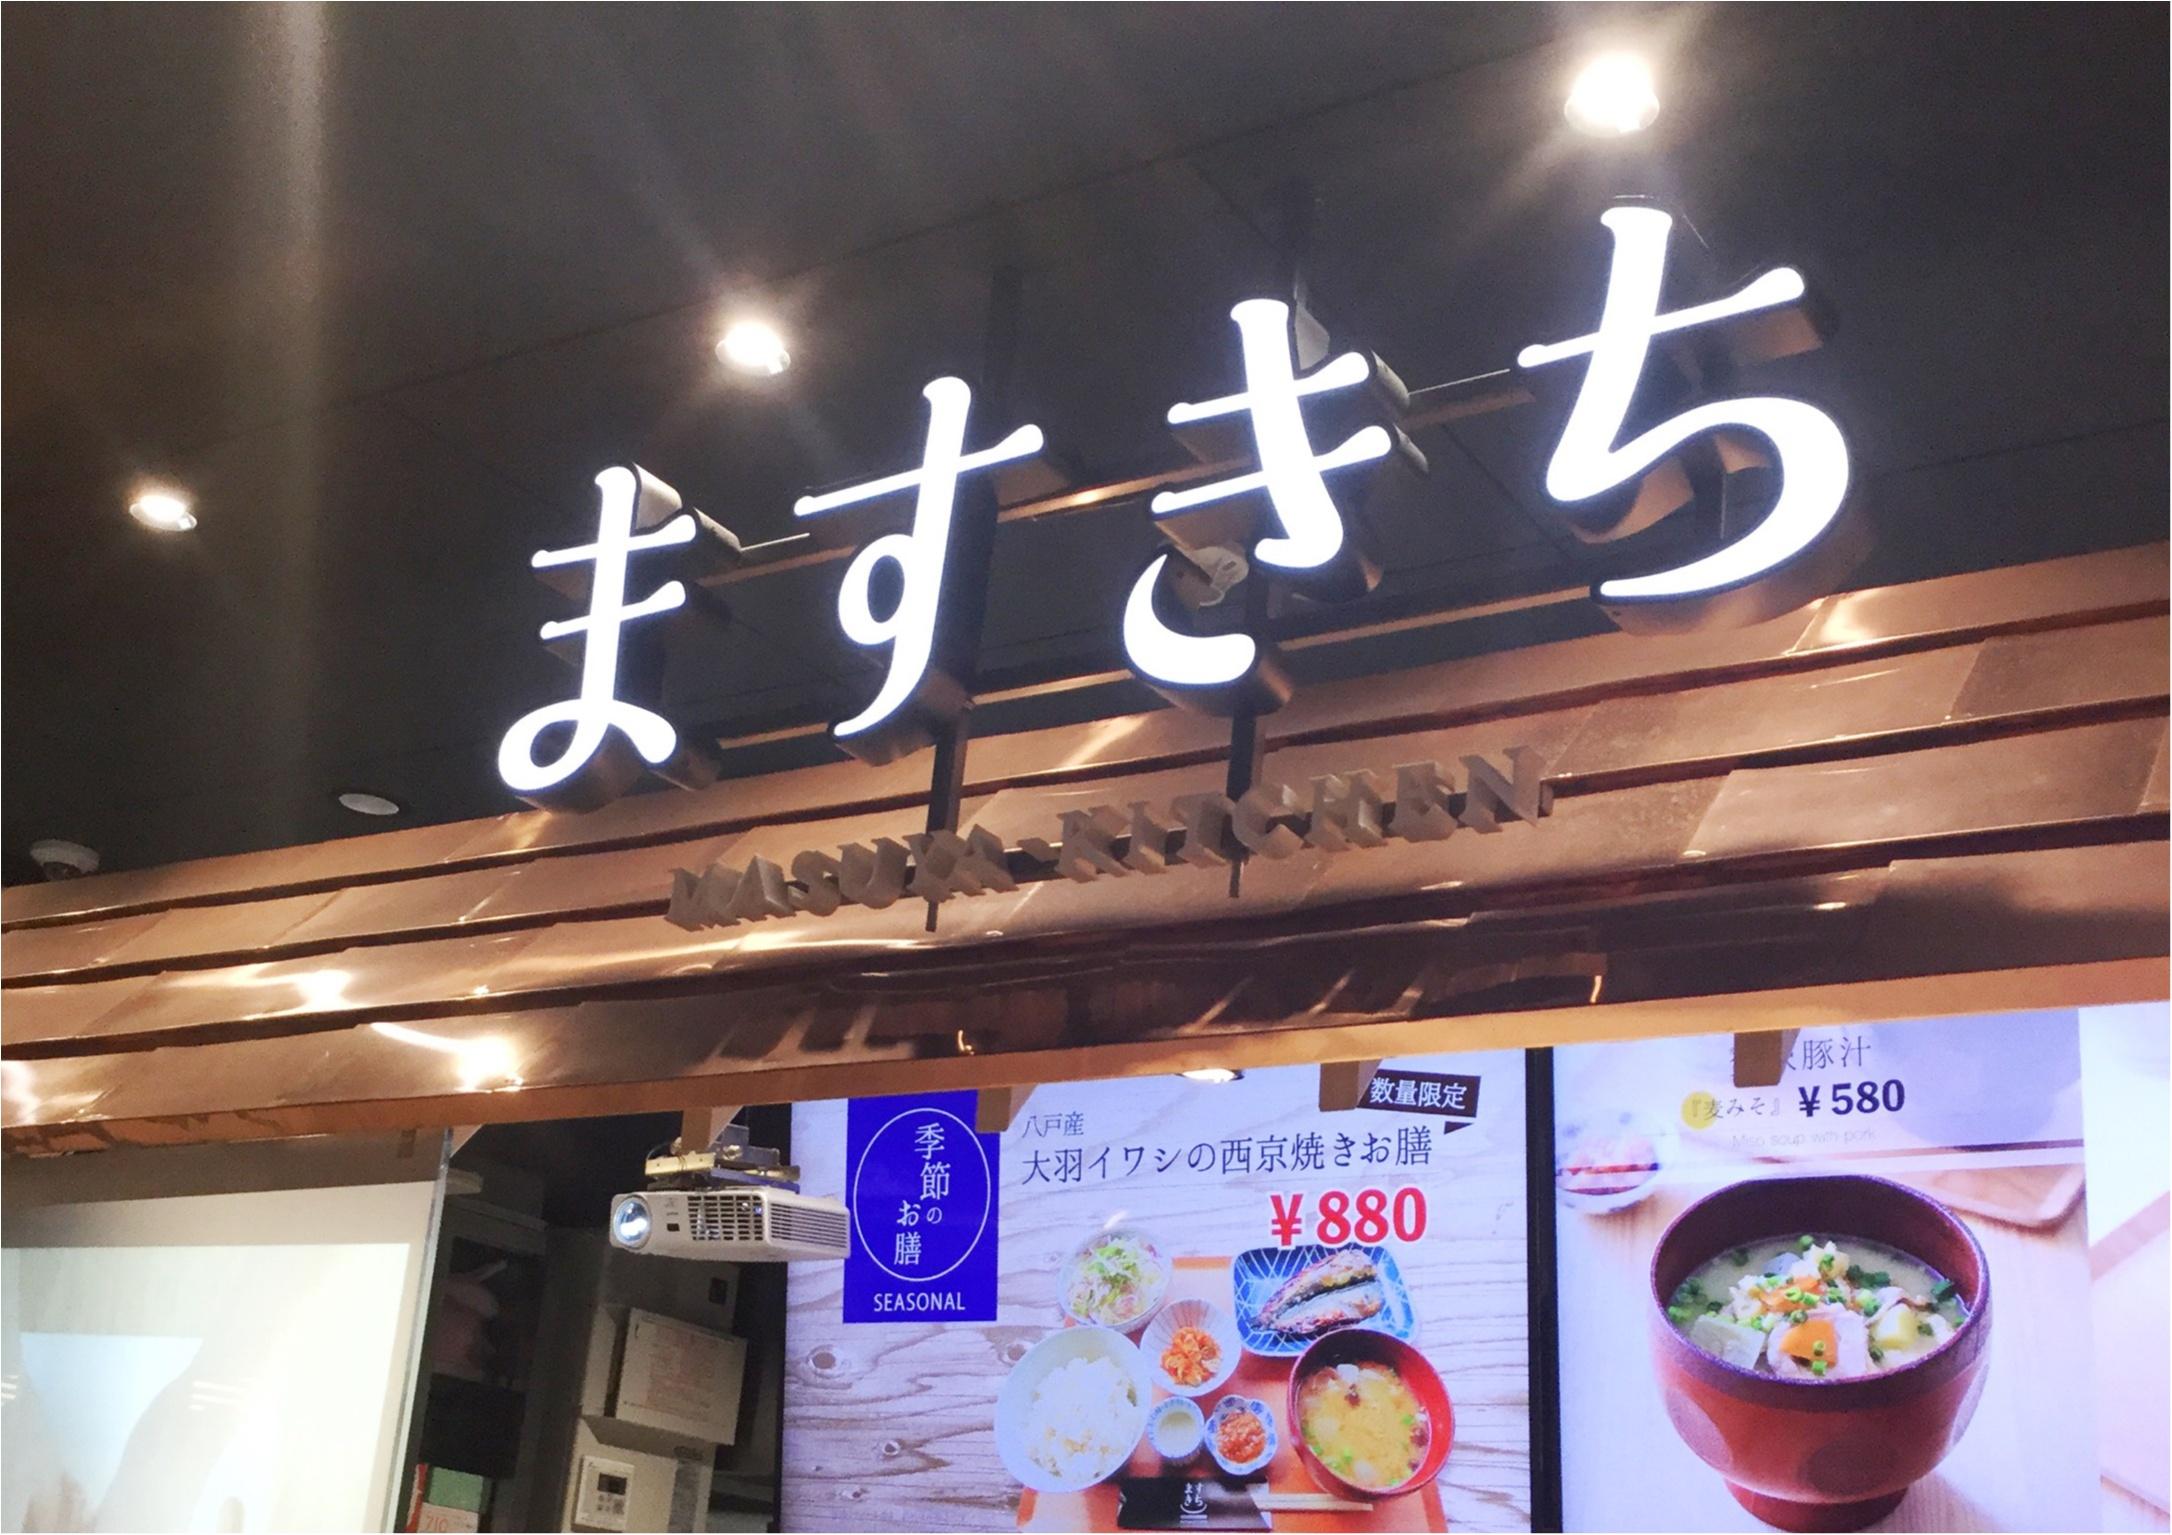 【ご当地グルメ】広島では知らない人はいない!母さんの味「ますやみそ 」がプロデュースした《ますきち》発酵食で体の中からキレイになりませんか?_1